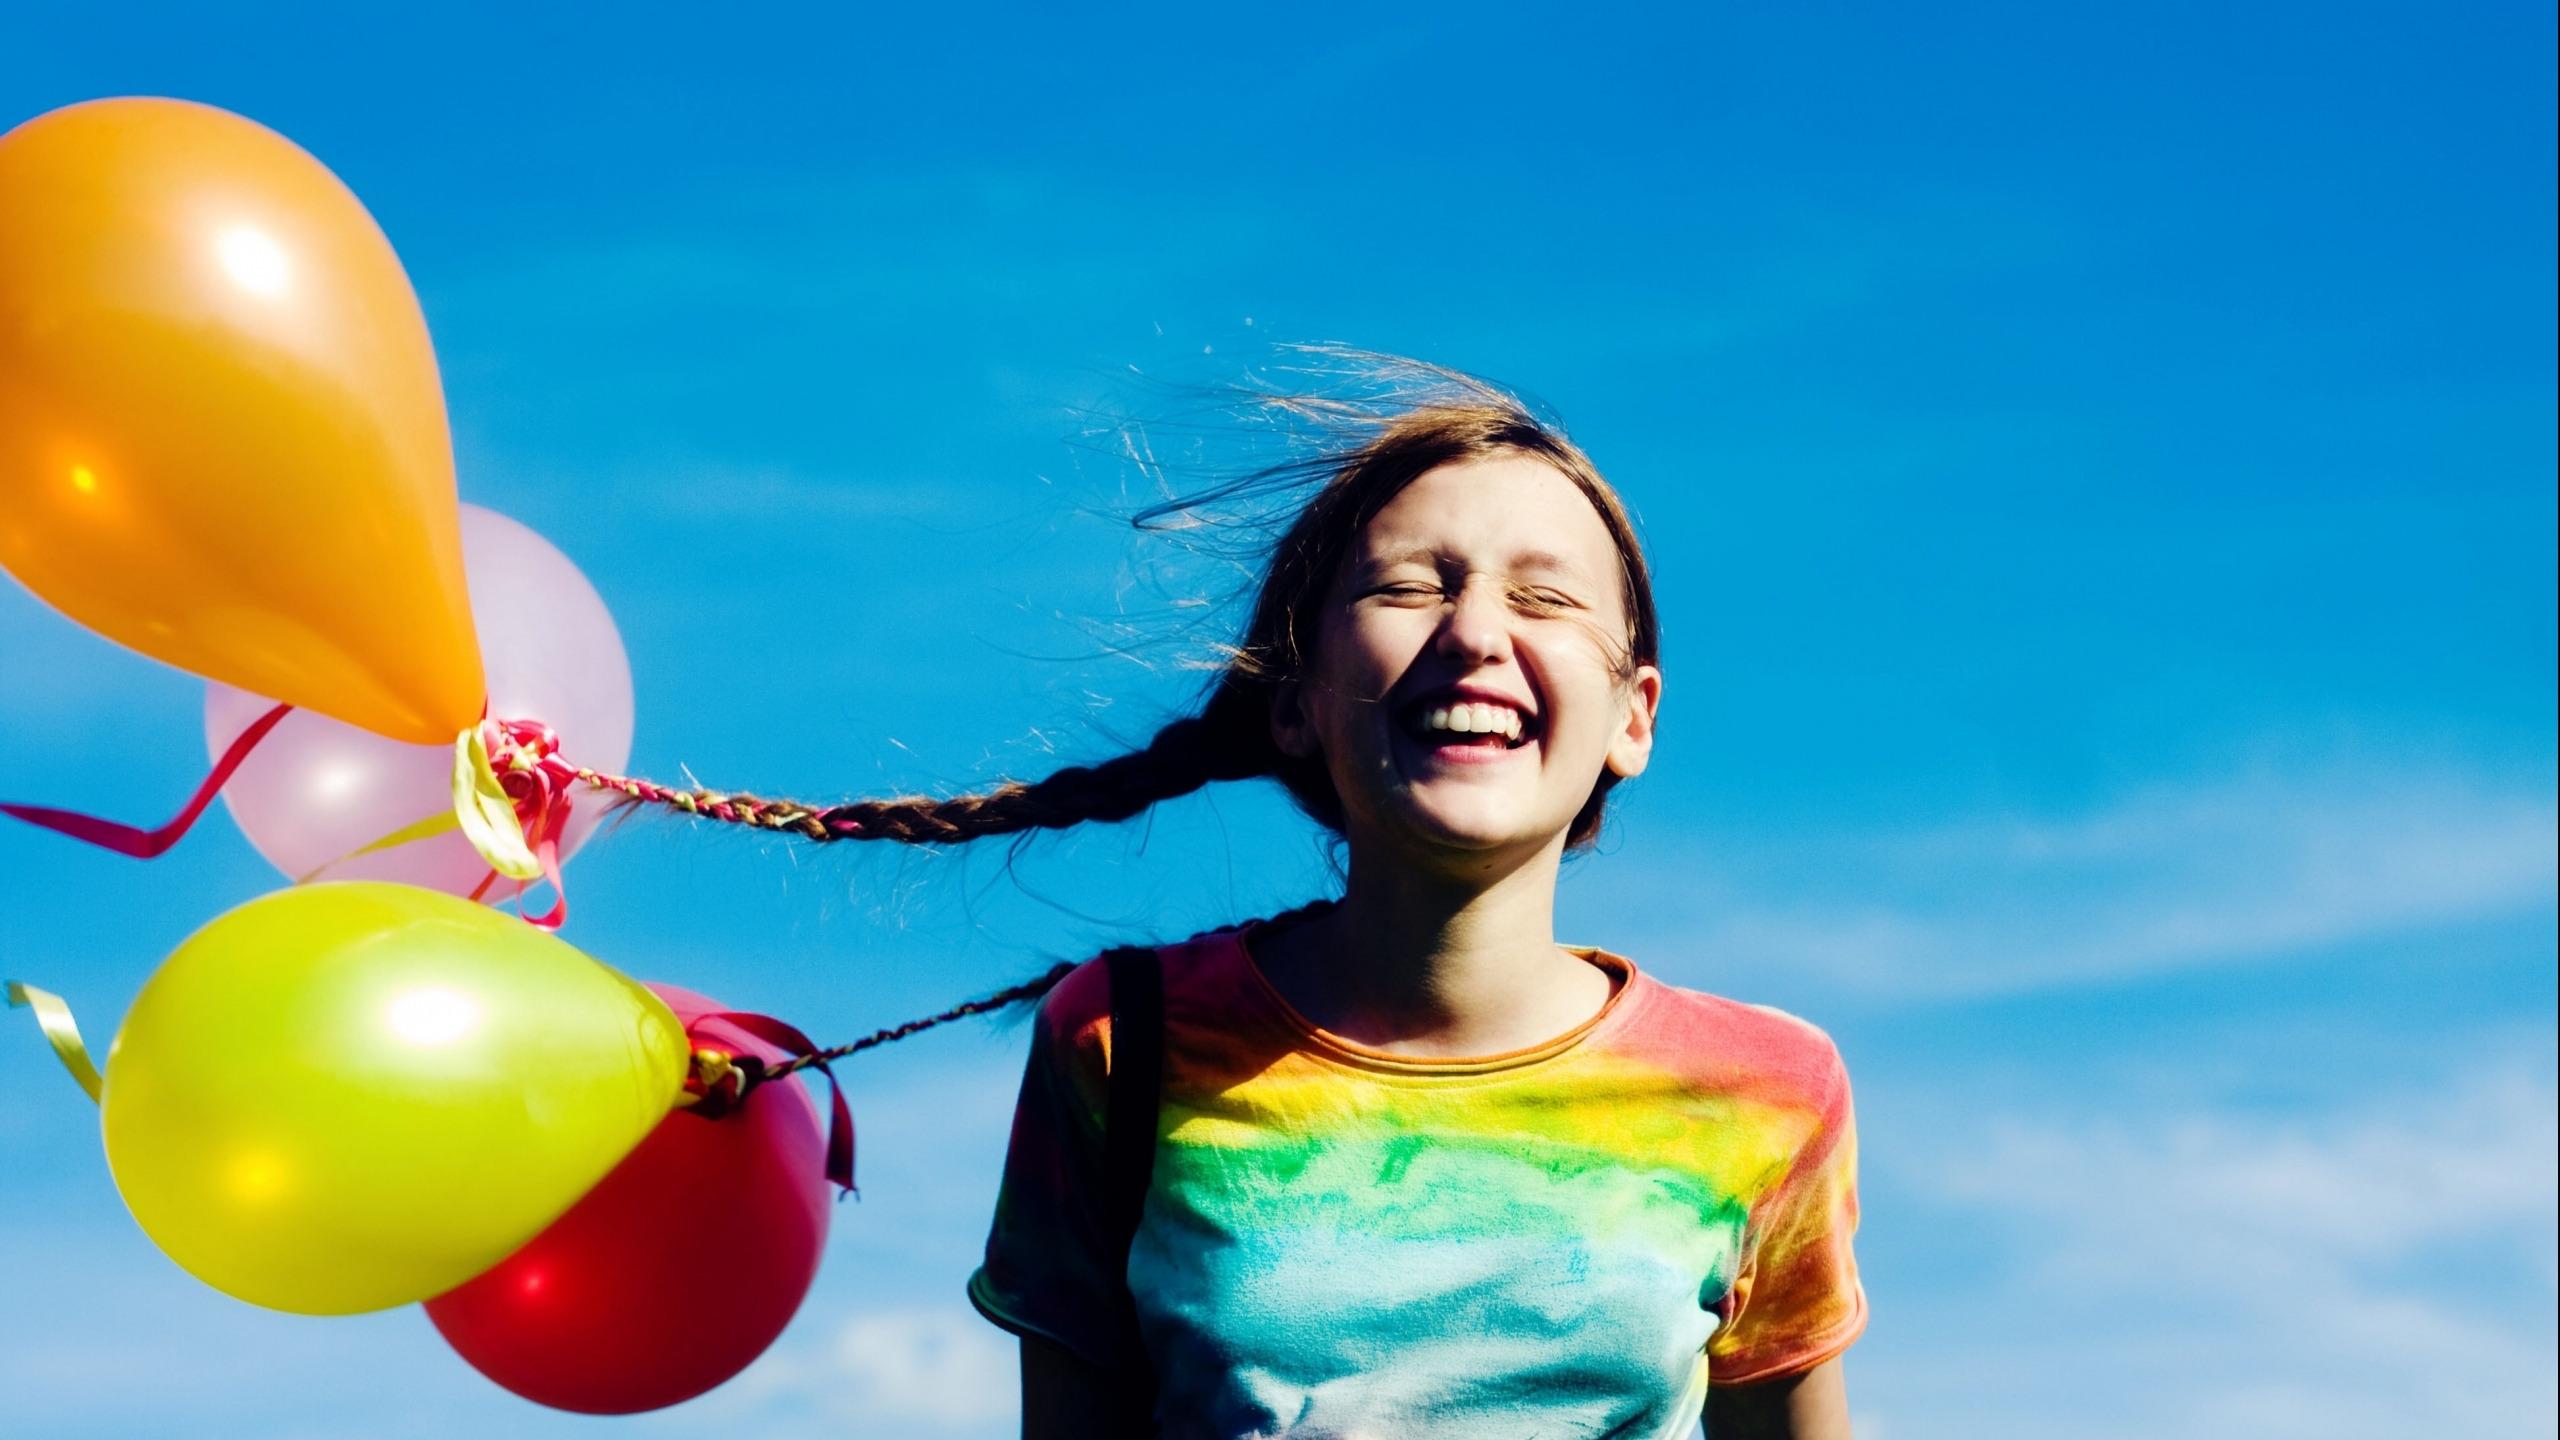 картинка хорошее настроение на день рождения крошка таким